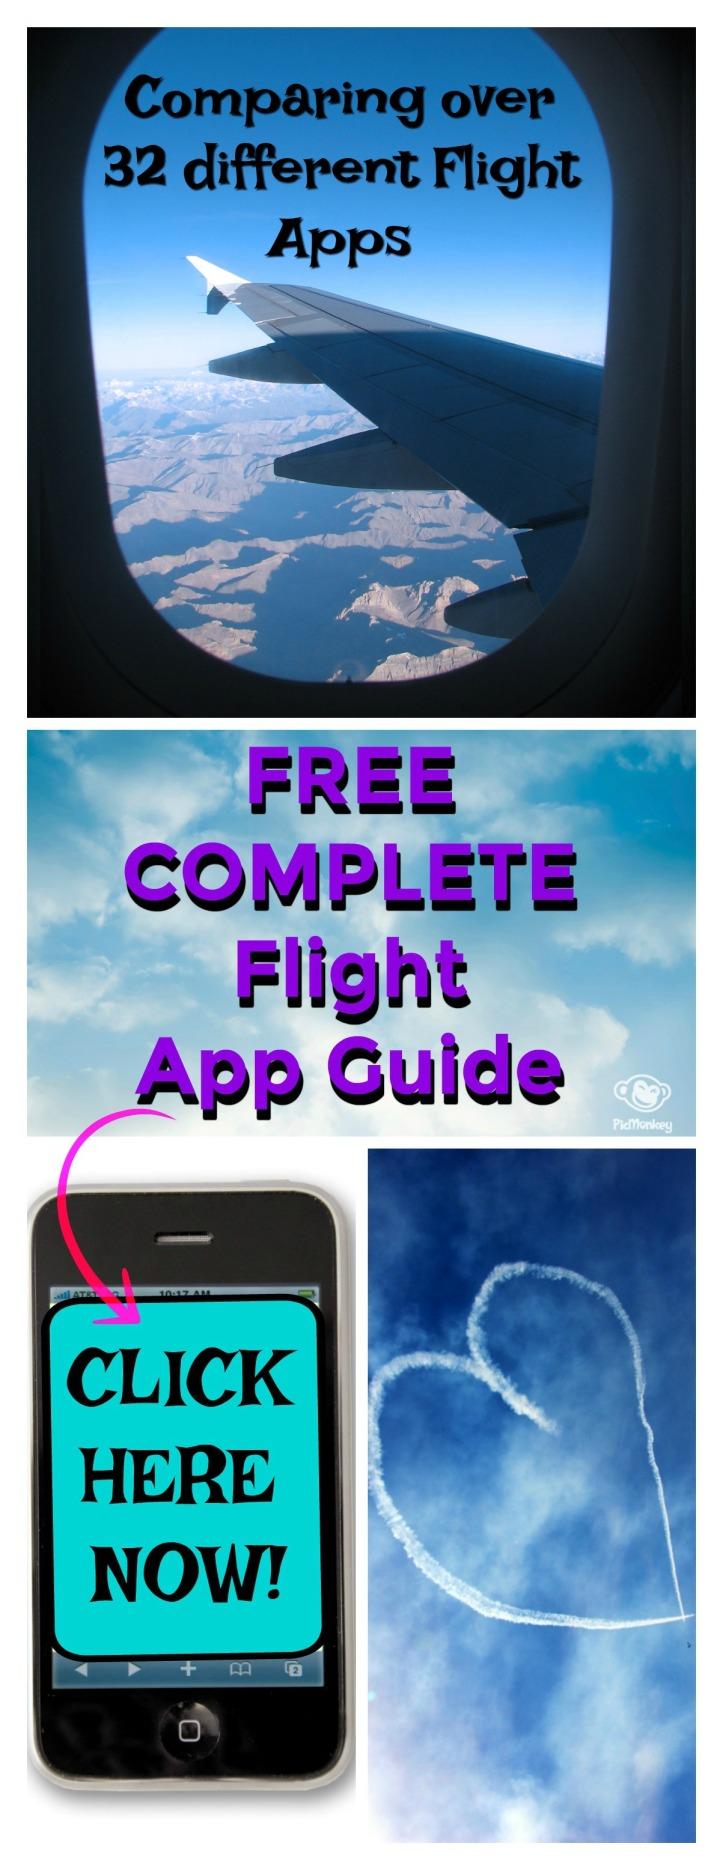 Flight app guide for pinterest.jpg